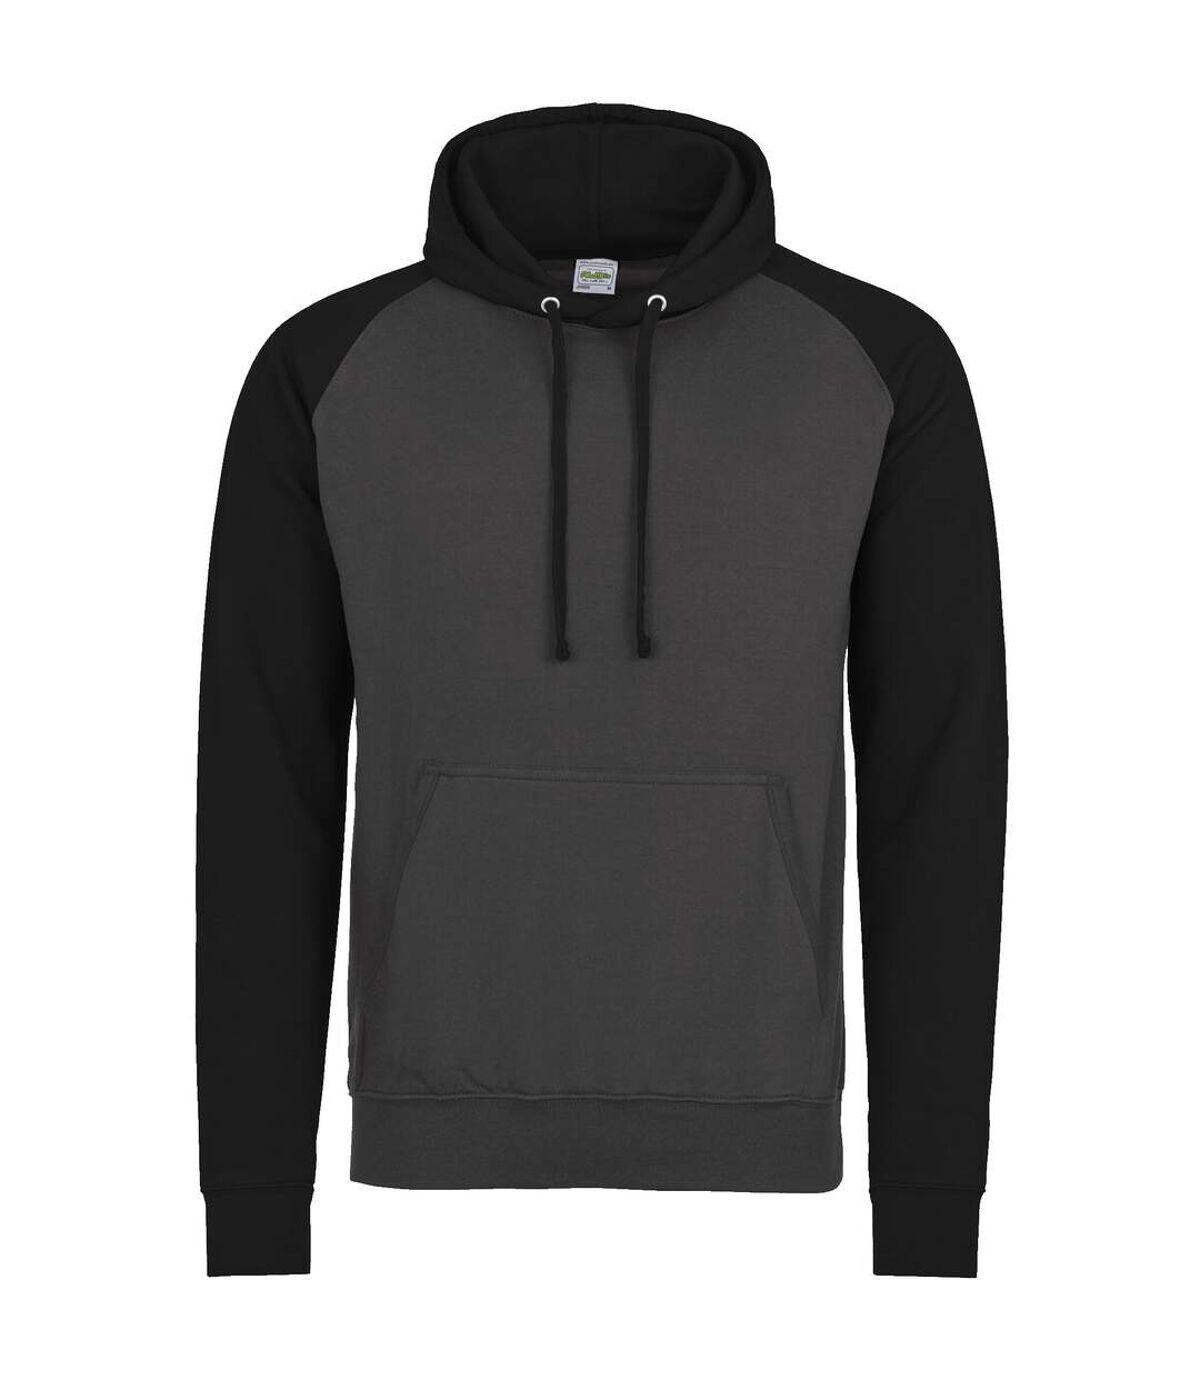 Awdis Just Hoods Adults Unisex Two Tone Hooded Baseball Sweatshirt/Hoodie (Oxford Navy/Burgundy) - UTRW3928